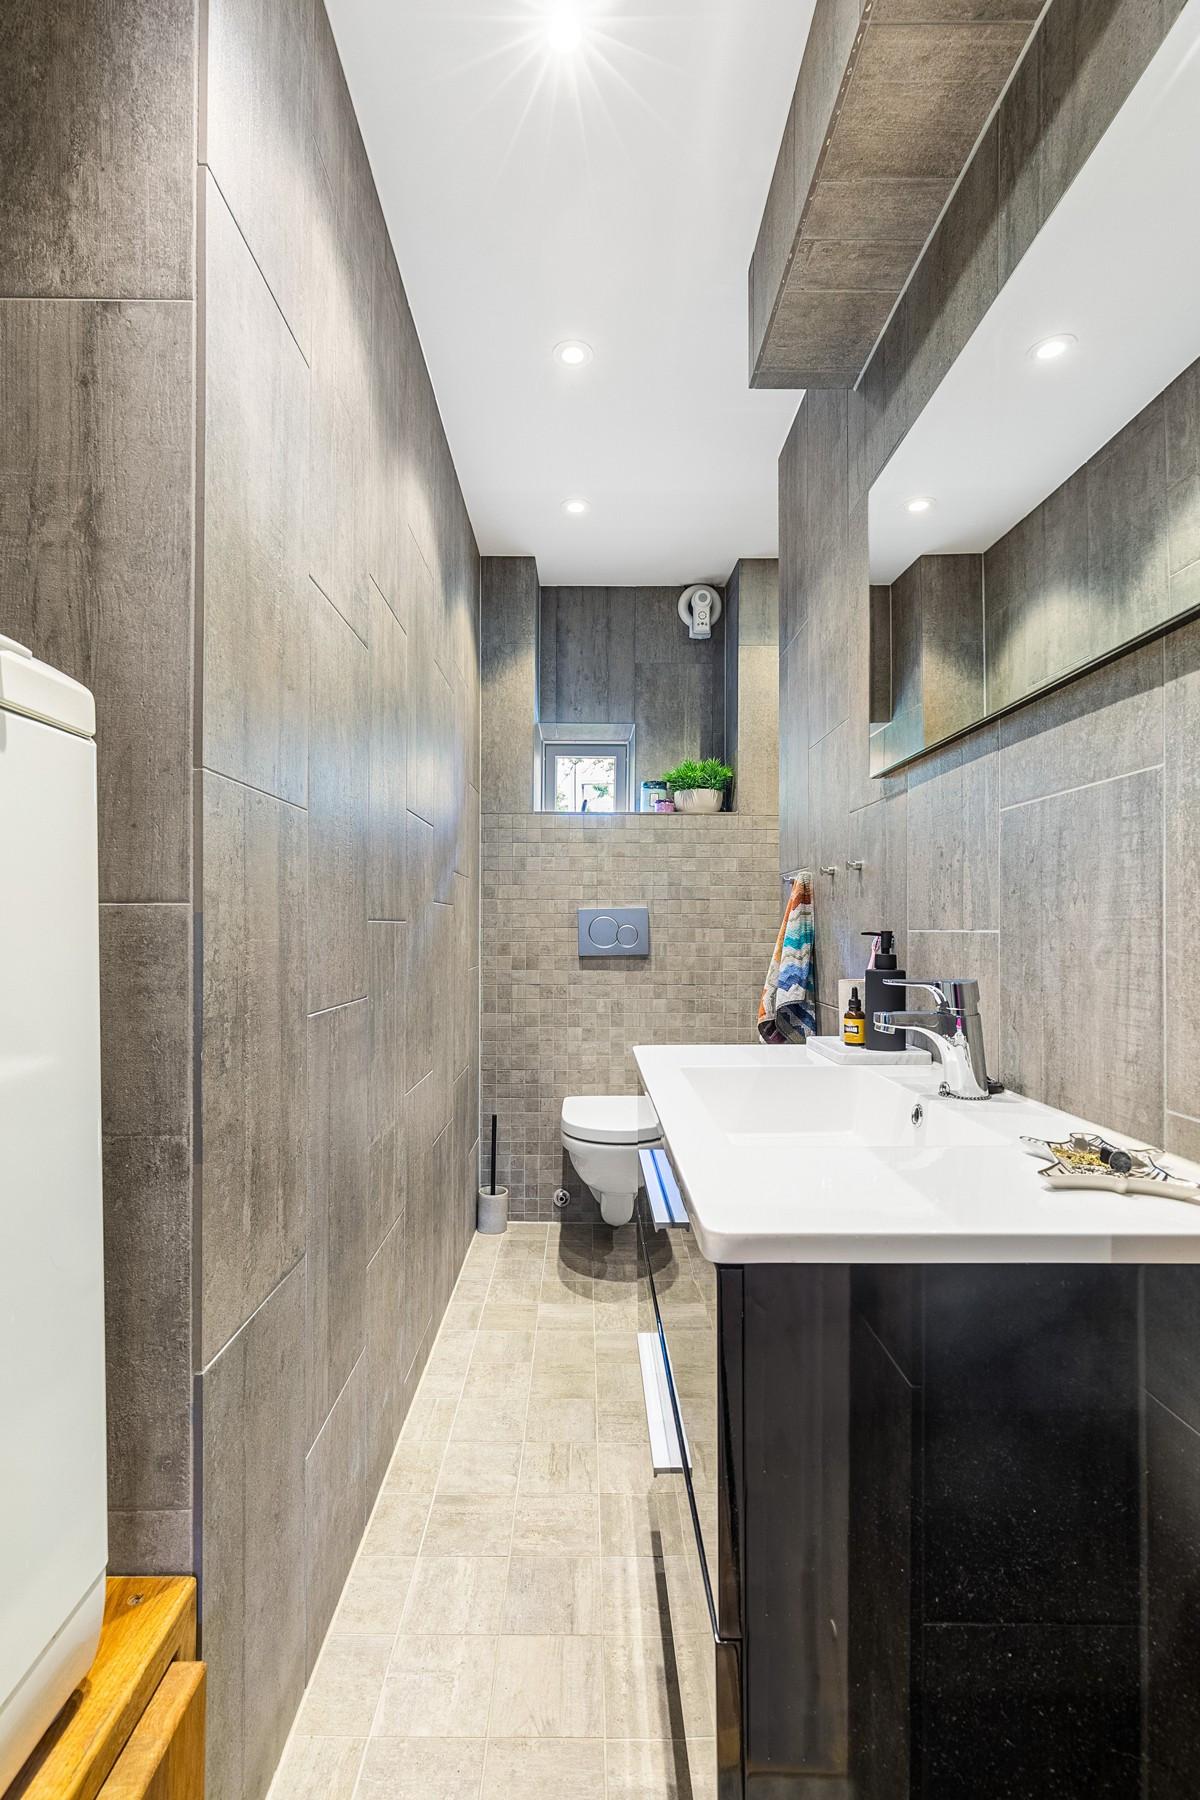 Bad er komplett flislagt med gulvvarme, og innredet med wc, dusjnisje, servant med skap og speil, samt opplegg for vaskemaskin